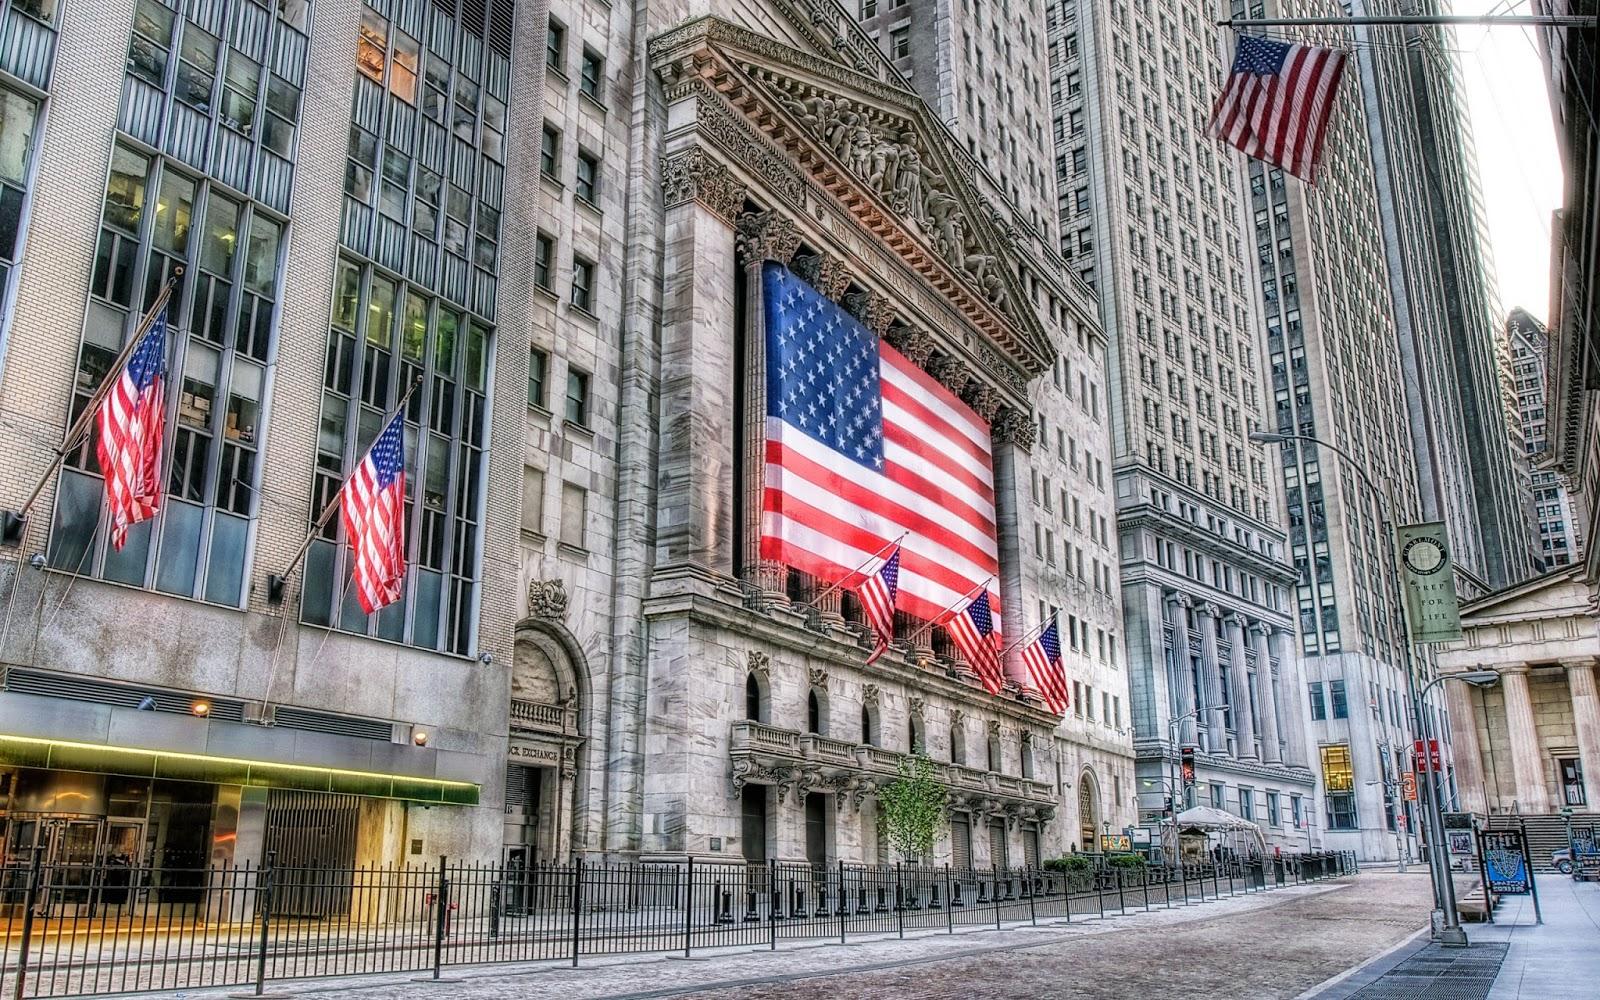 65e0d74102 Le migliori azioni da comprare Agosto 2018 - Nasdaq - Investimenti e ...